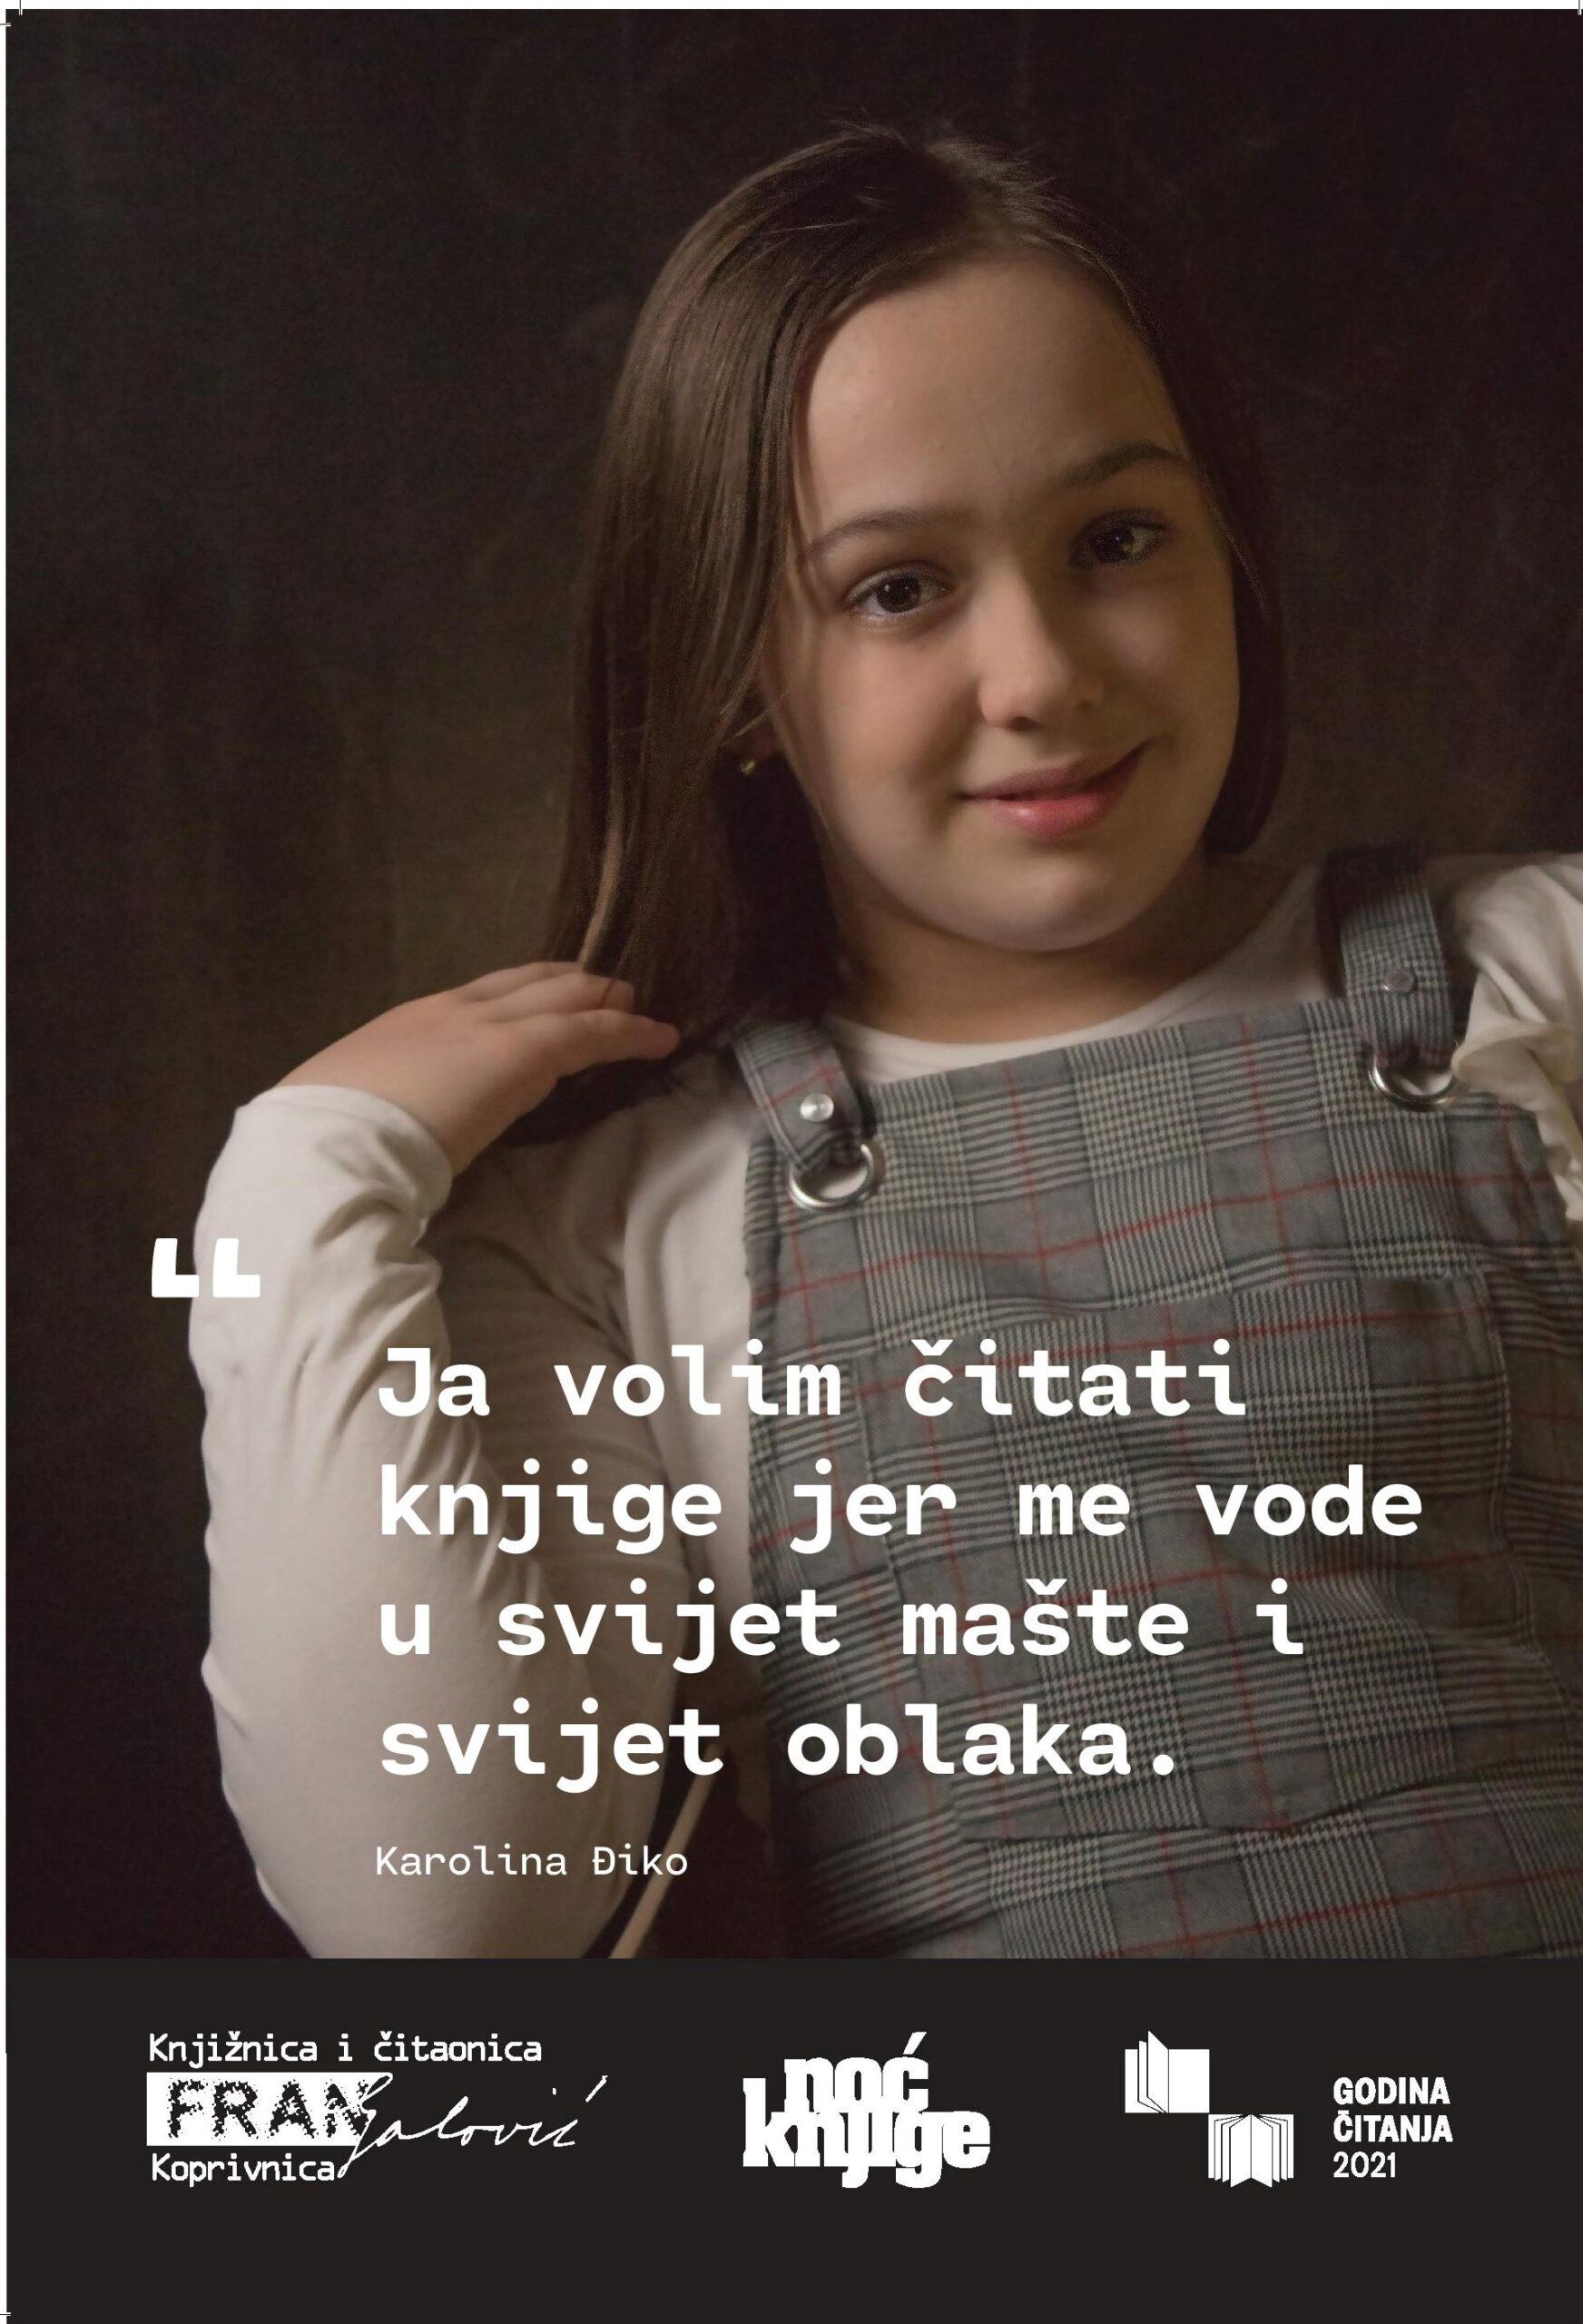 Karolina Điko